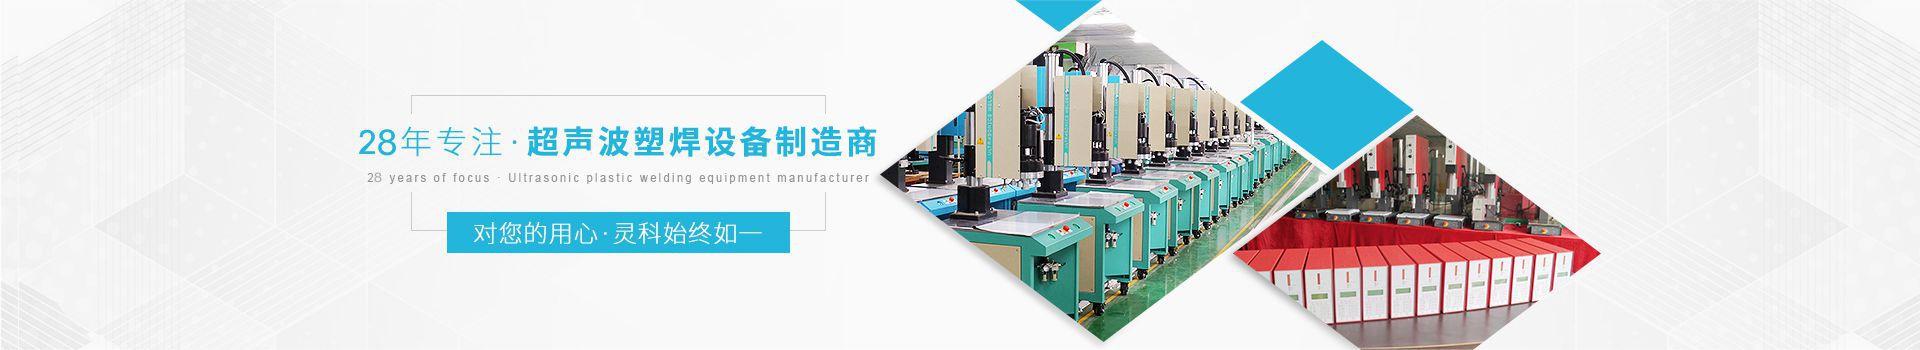 灵科:28年专注·超声波塑焊设备制造商